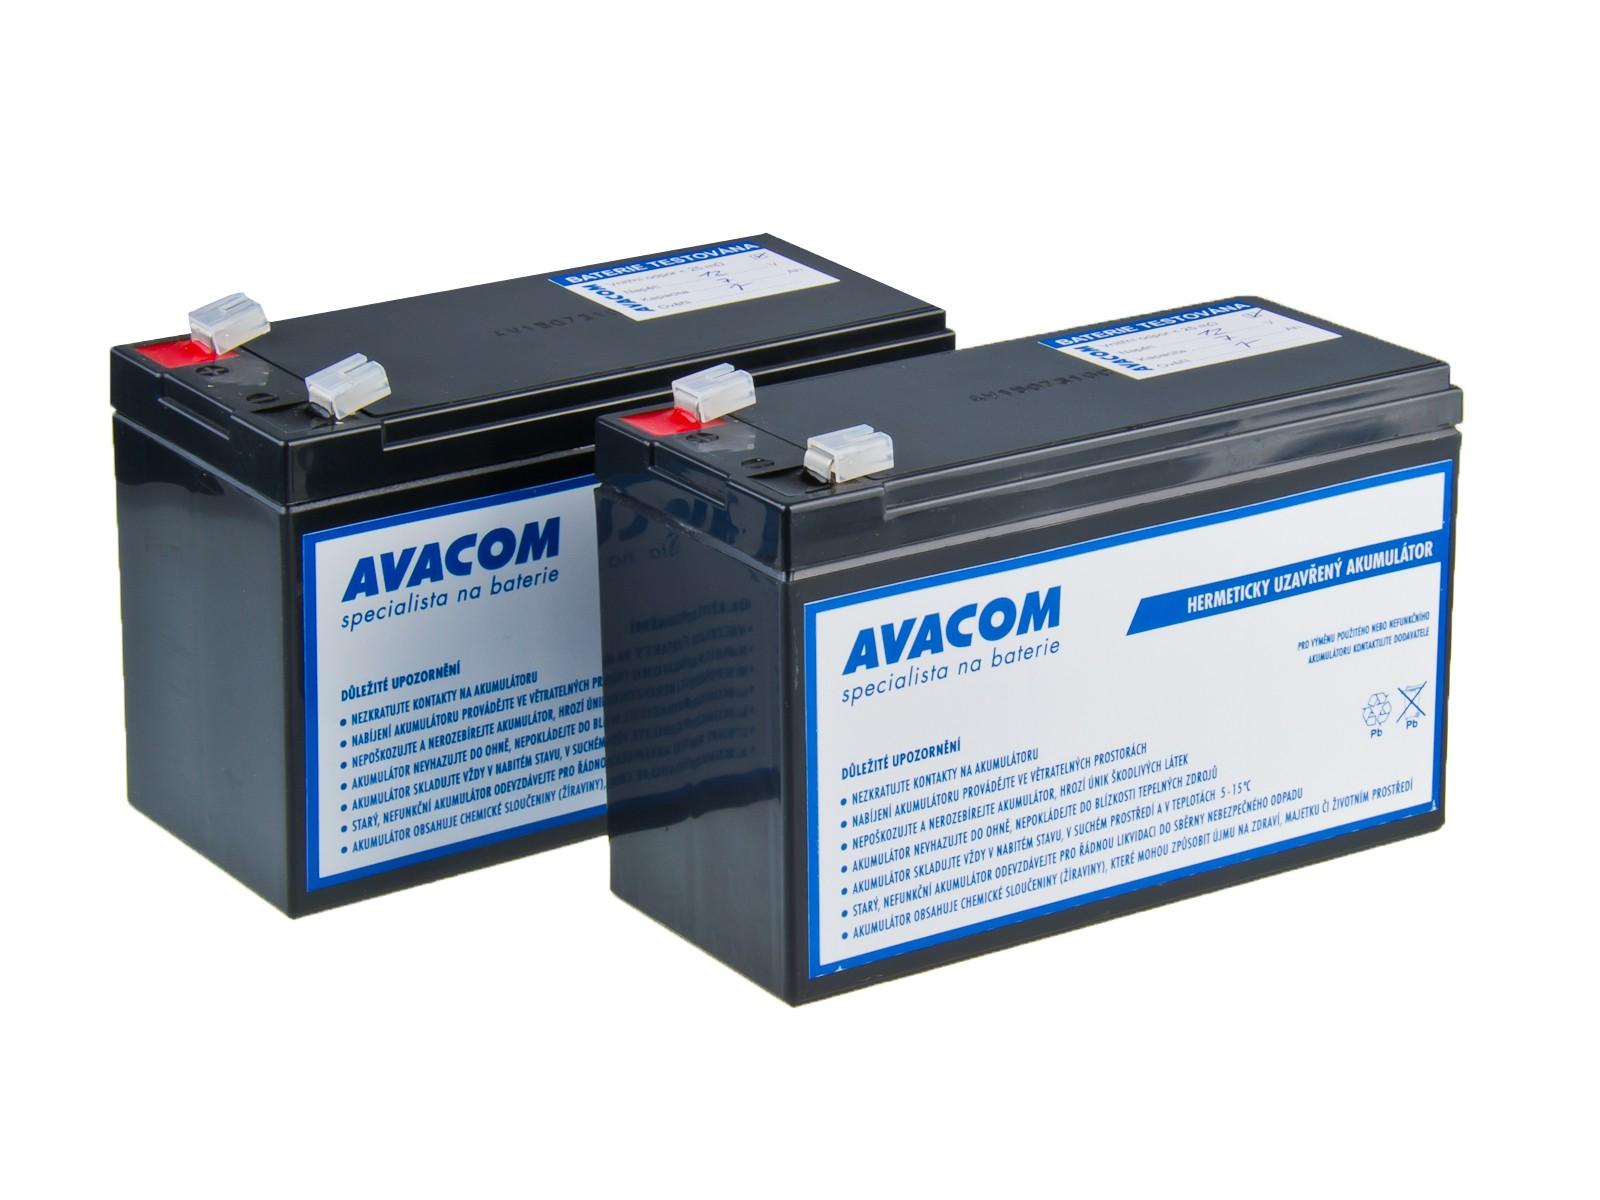 Bateriový kit AVACOM AVA-RBC123-KIT náhrada pro renovaci RBC123 (2ks baterií) - AVA-RBC123-KIT